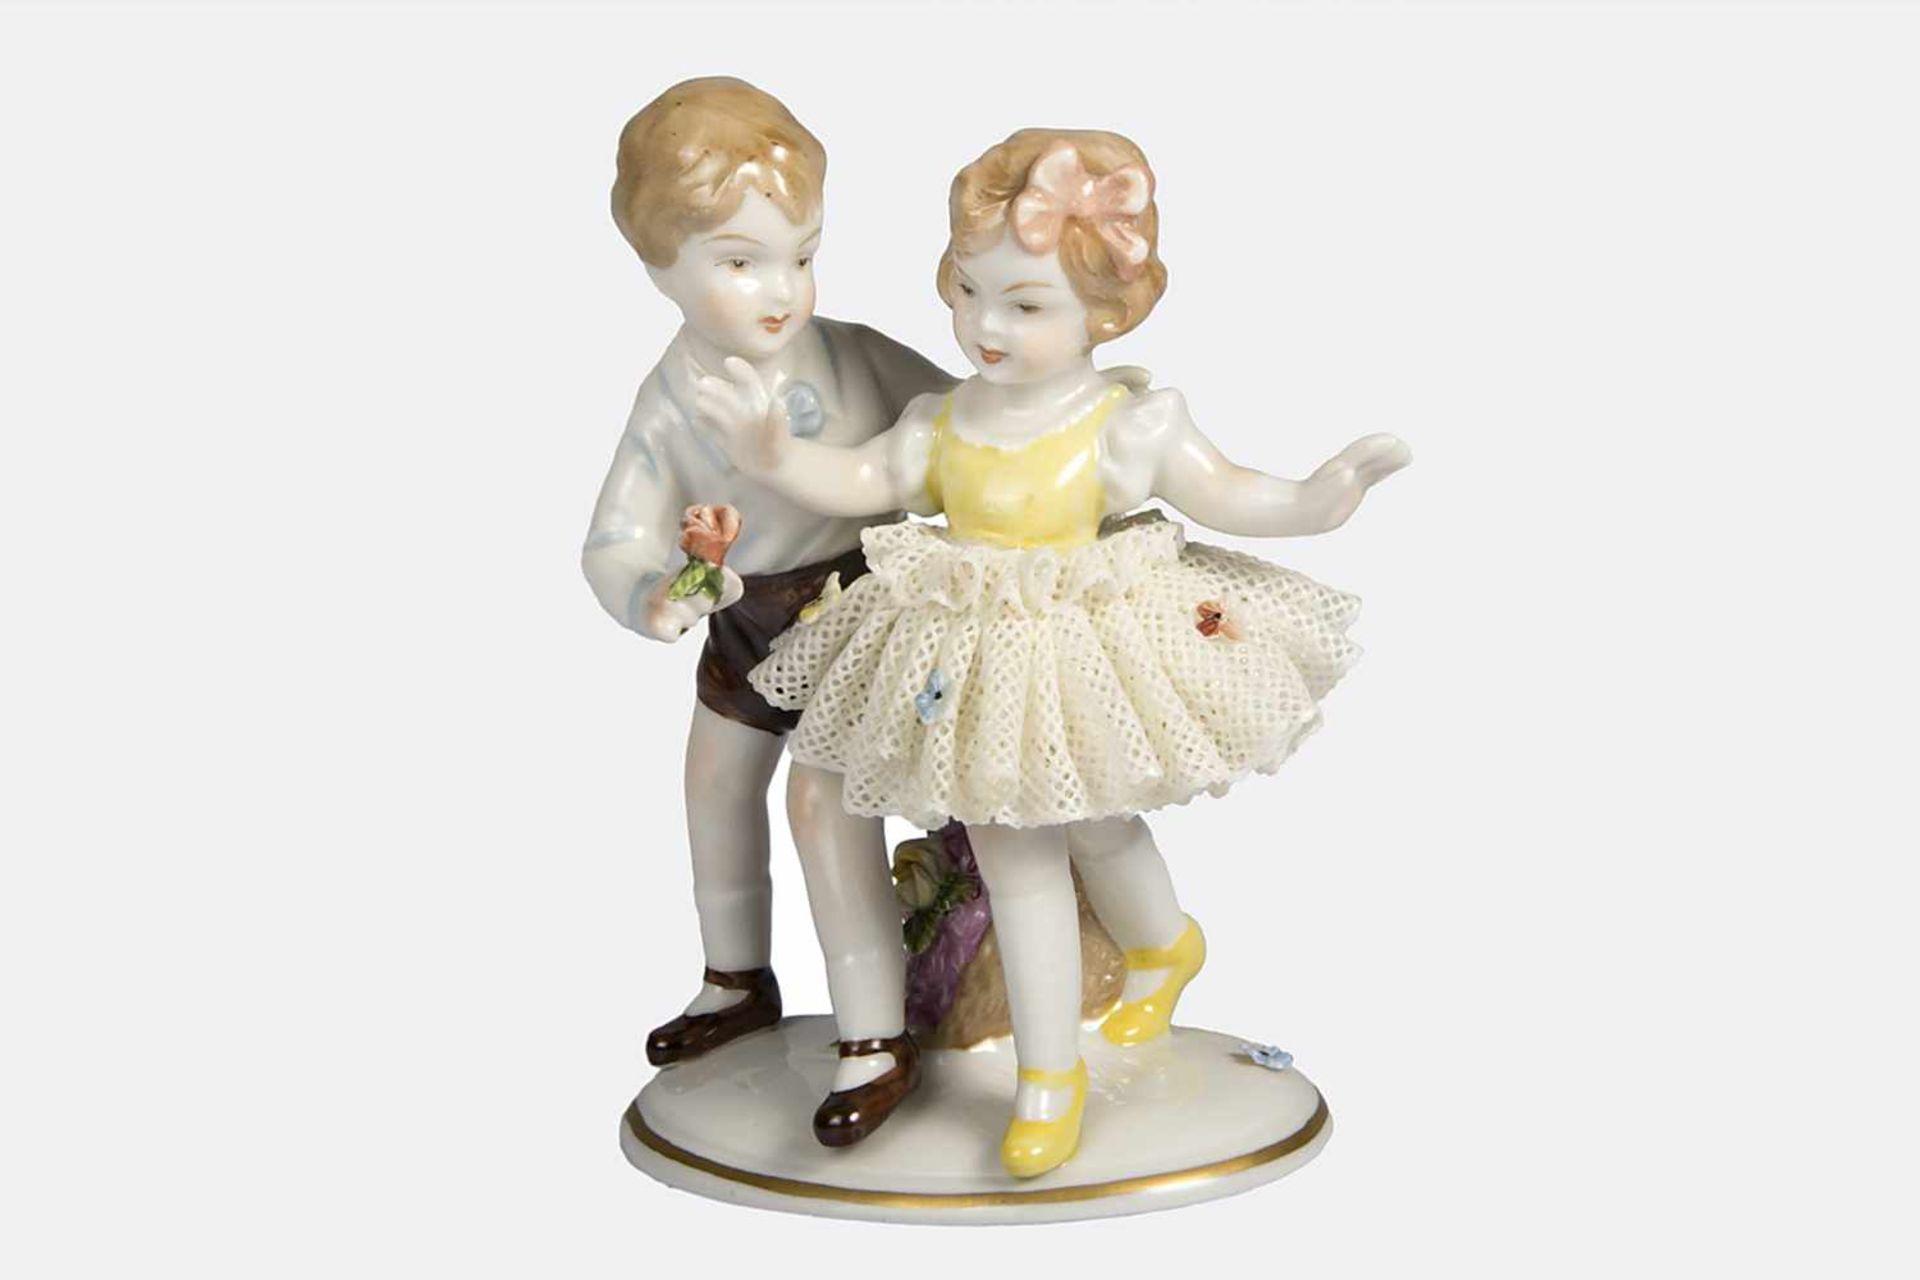 Los 59 - Gruppe Porzellan, farbig bemalt, Kinder beim Tanz, Mädchen mit durchbrochen gearbeiteter